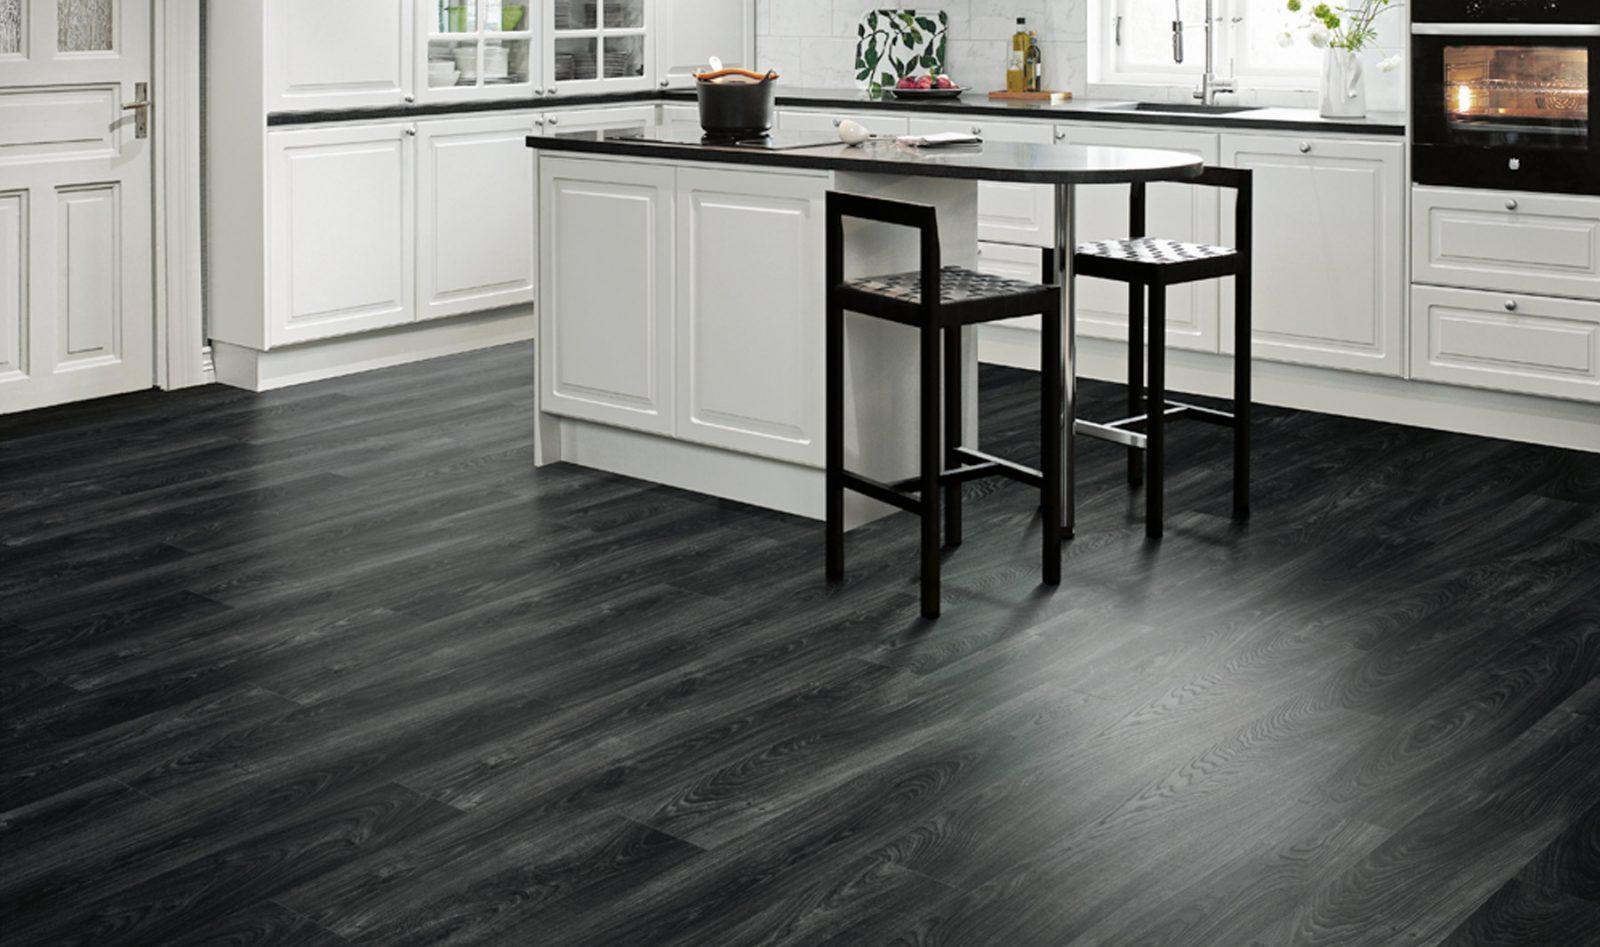 El uso de los suelos laminados en la cocina.